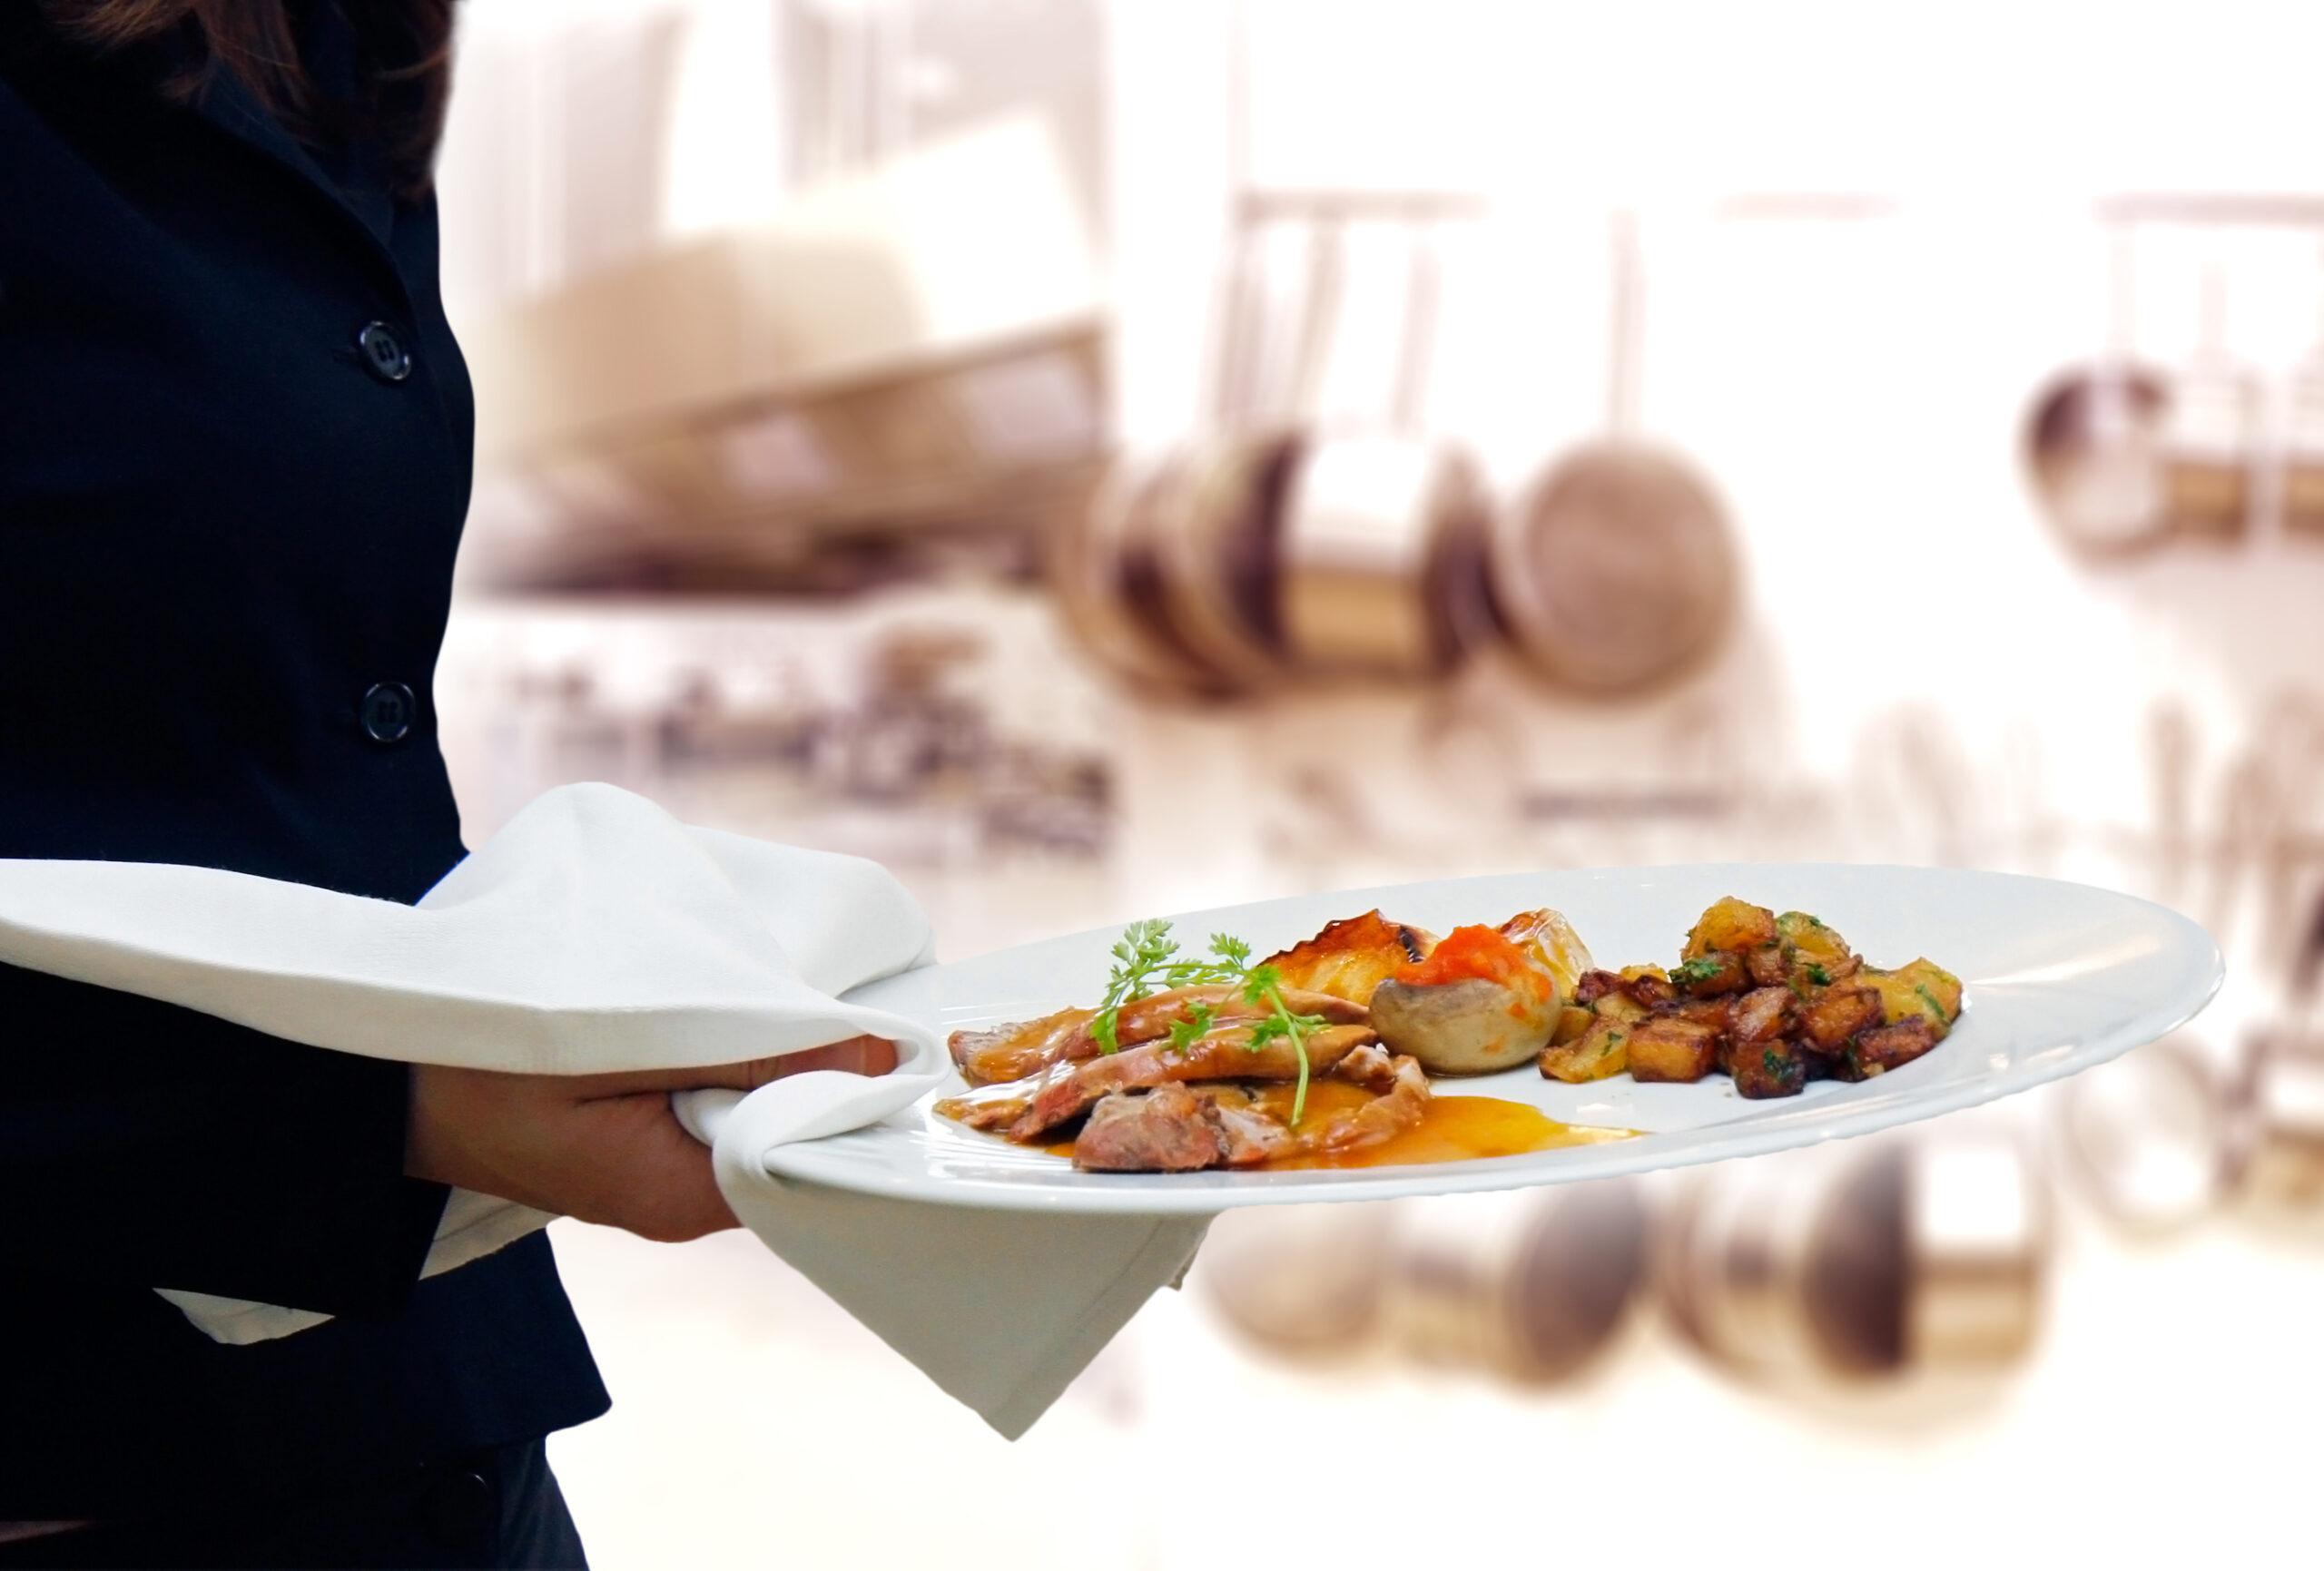 Serveringspersonal håller i tallrik md upplagd mat